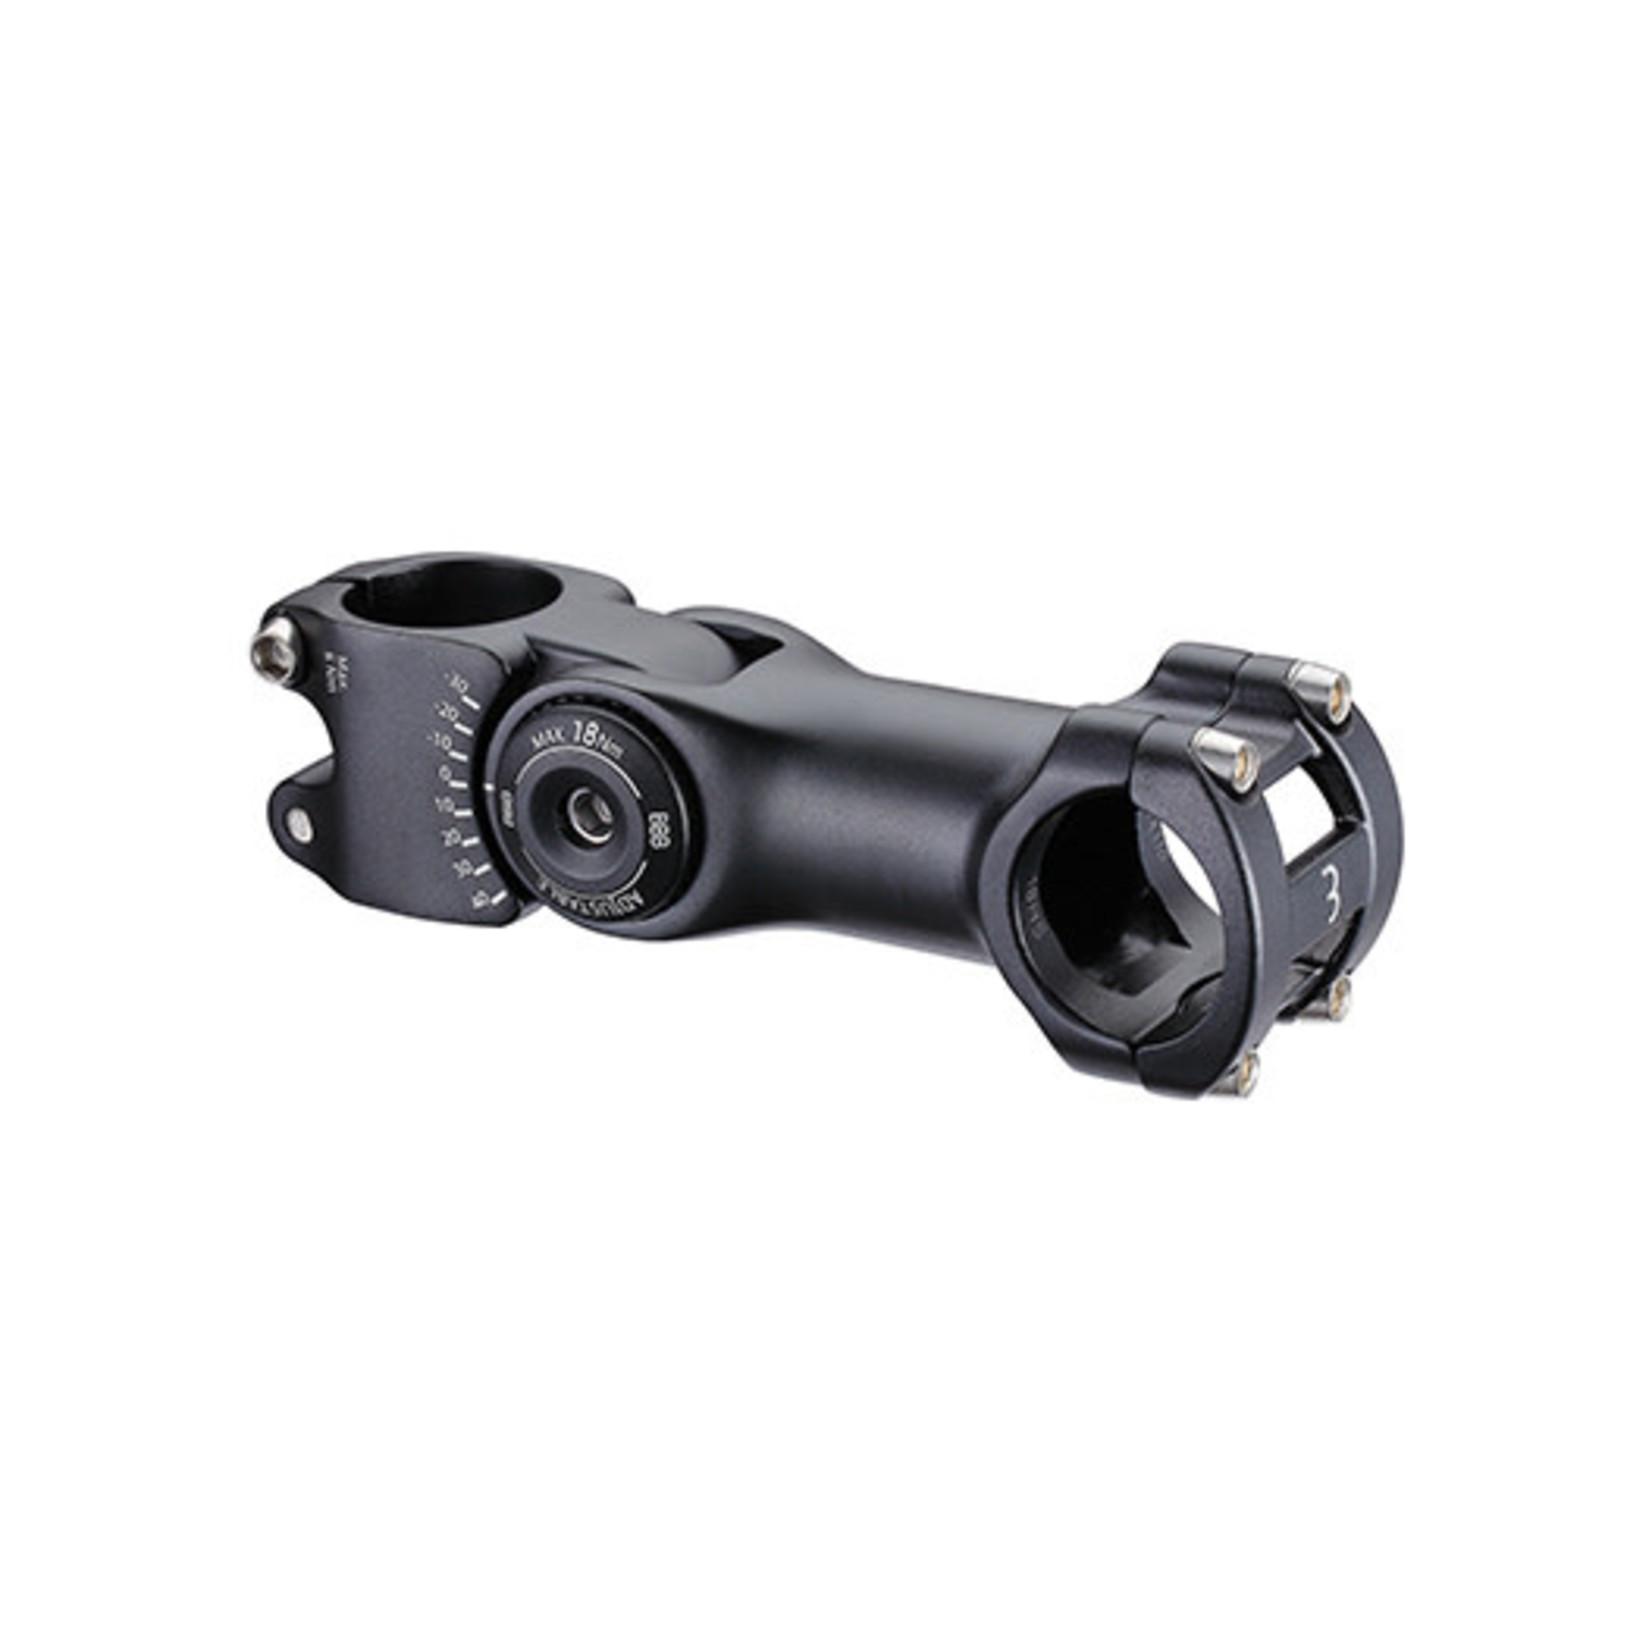 BBB BBB - Vorbau regolabile  90mm 31.8mm (+40º/-40º) nera